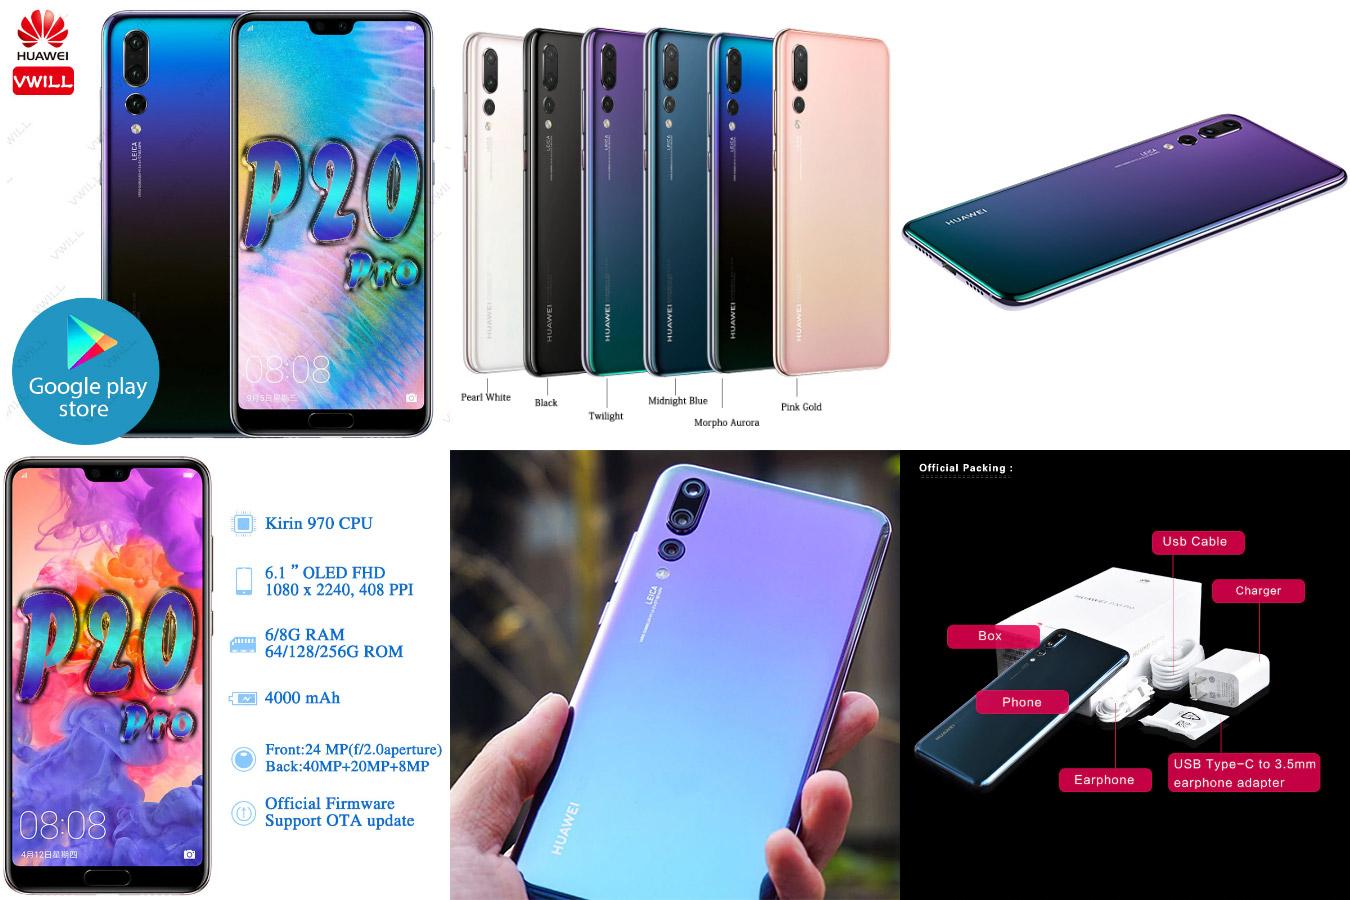 Смартфон с лучшей камерой Huawei P20 Pro